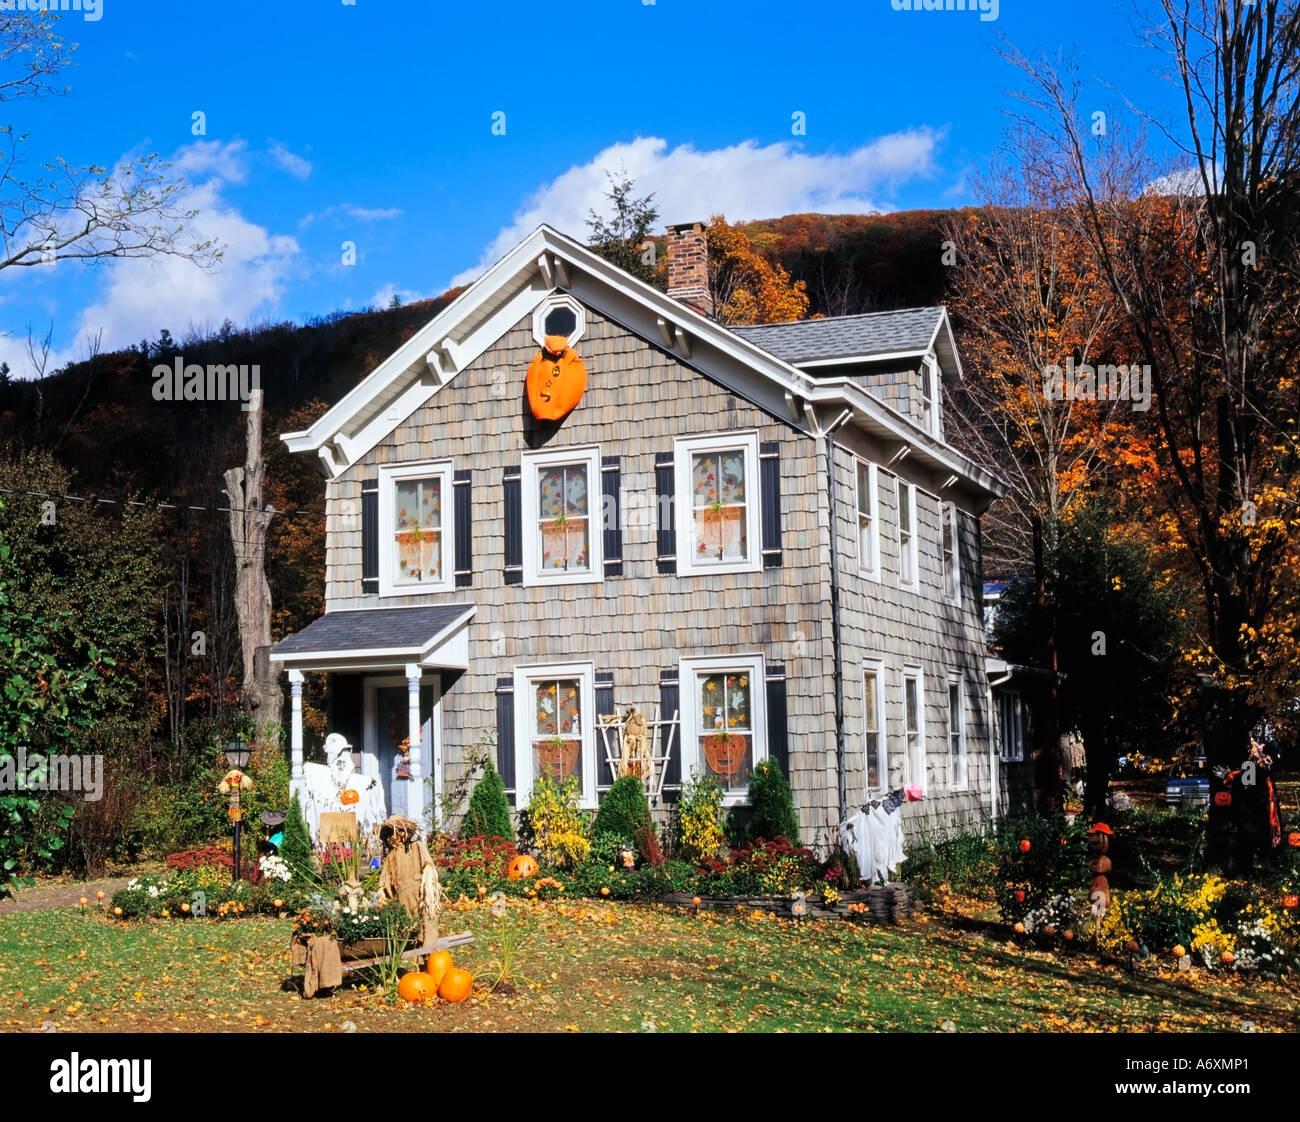 Festliche Halloween Haus Und Garten Dekoration Stadt Von Phoenicia Catskill Mountains Ulster County New York State Usa Stockfotografie Alamy